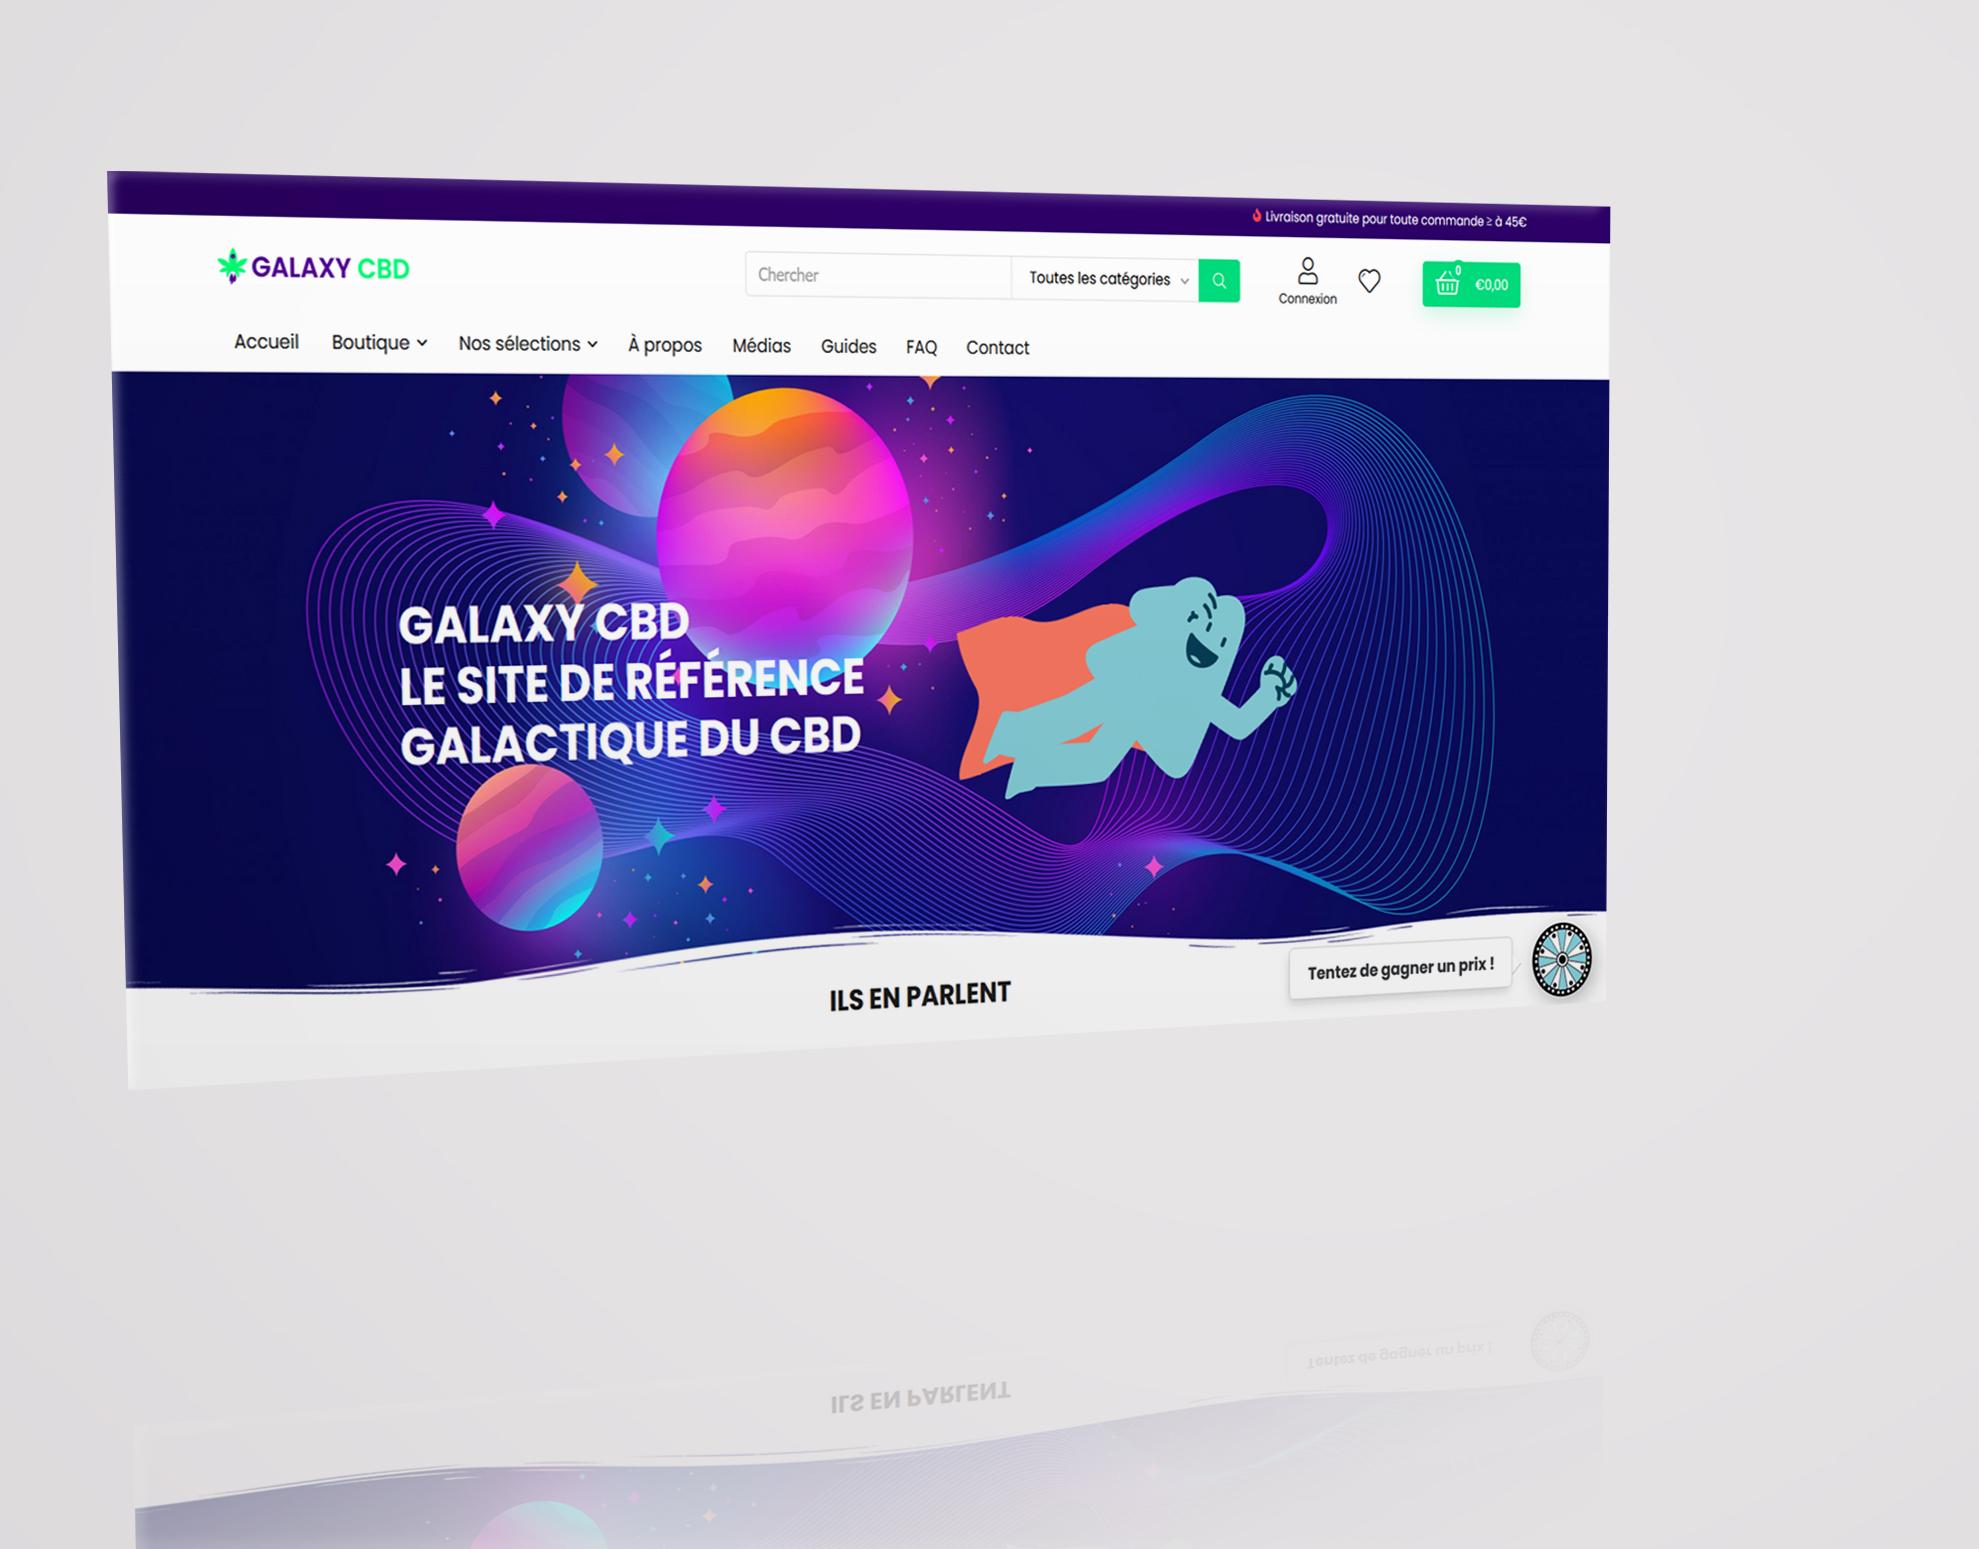 GALAXY CBD - E-commerce